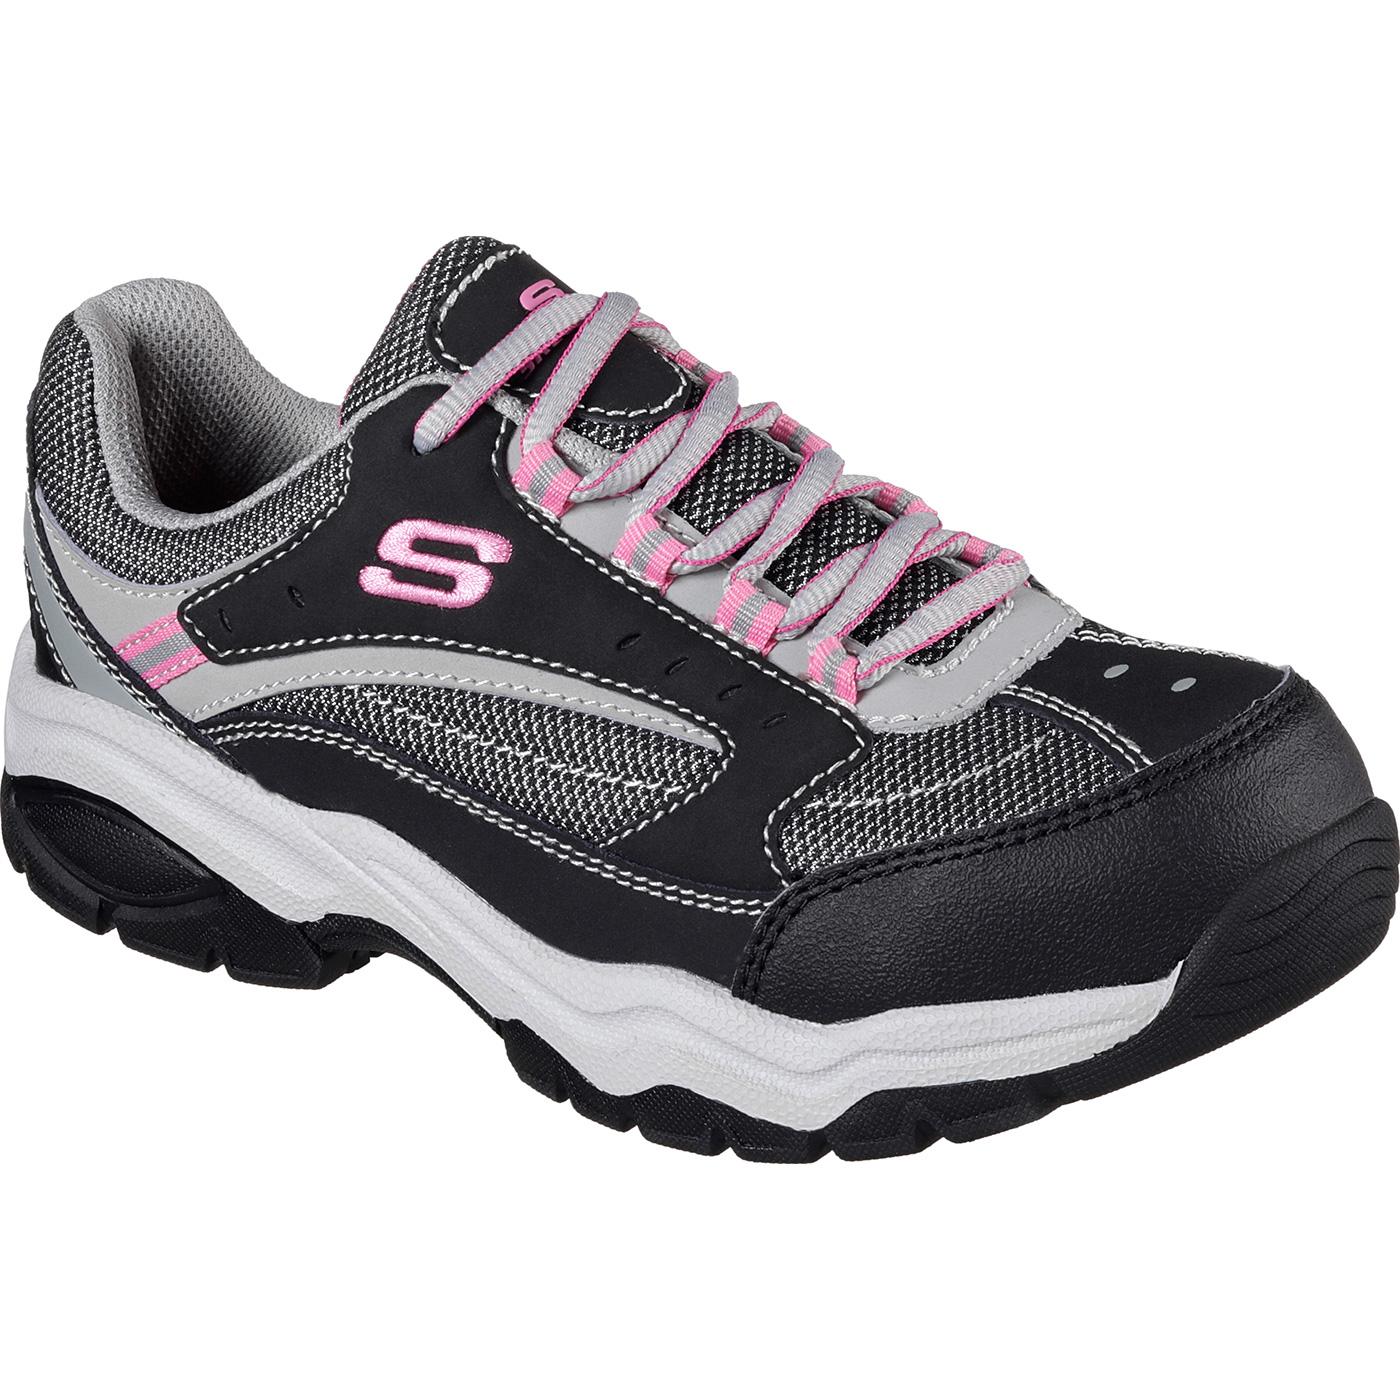 SKECHERS Work Biscoe Women s Steel Toe Electrical Hazard Slip-Resistant  Athletic ShoeSKECHERS Work Biscoe Women s Steel Toe Electrical Hazard  Slip-Resistant ... be0ab8968